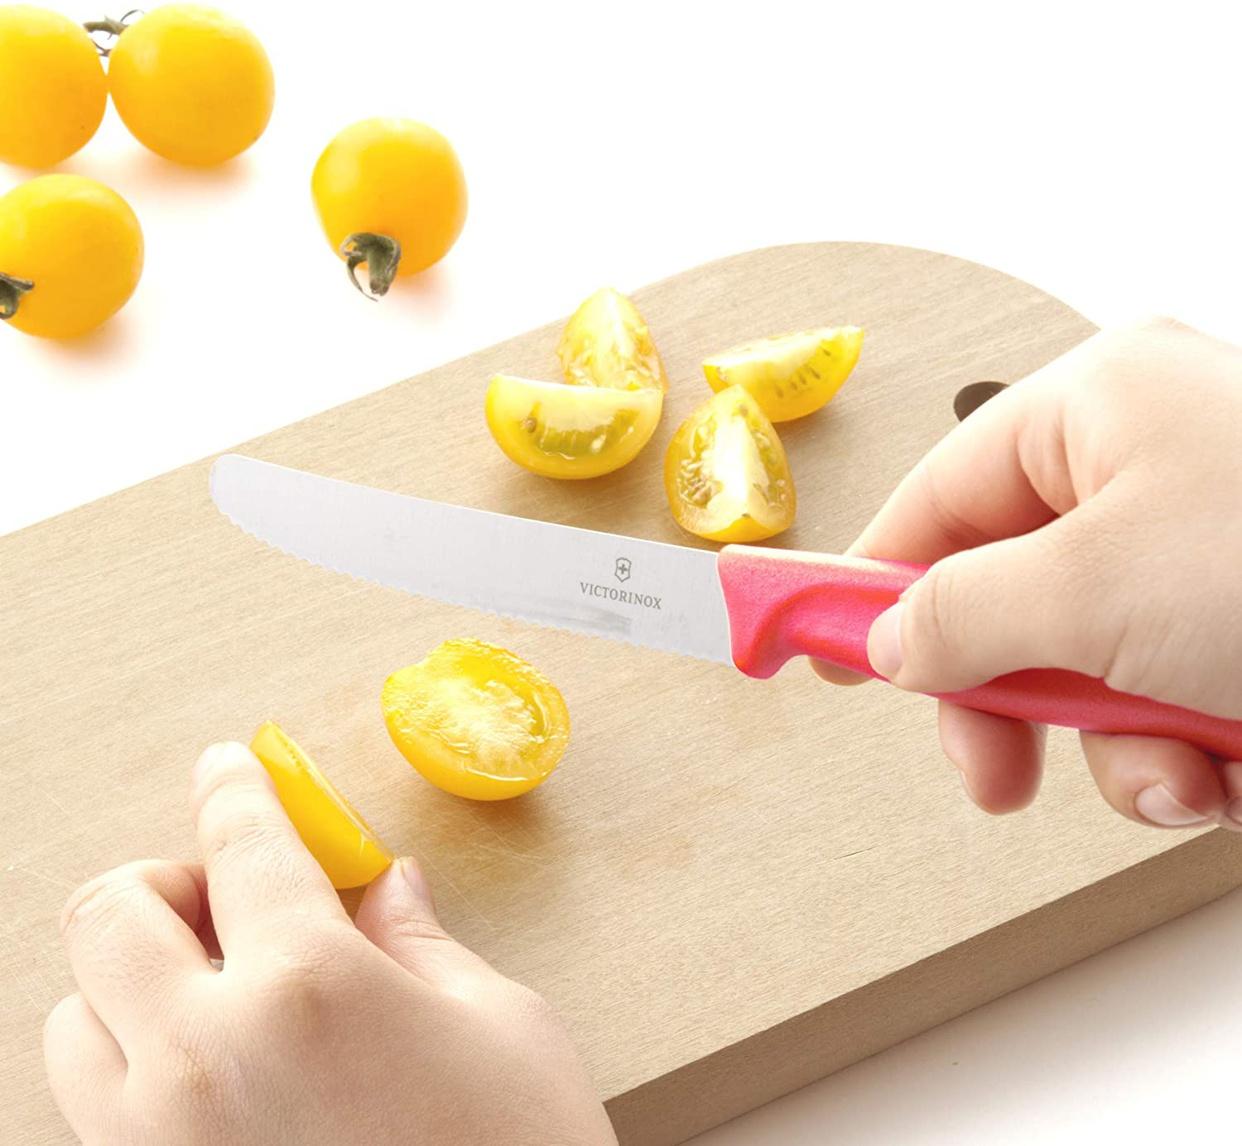 VICTORINOX(ビクトリノックス) スイスクラシック トマト&テーブルナイフの商品画像3